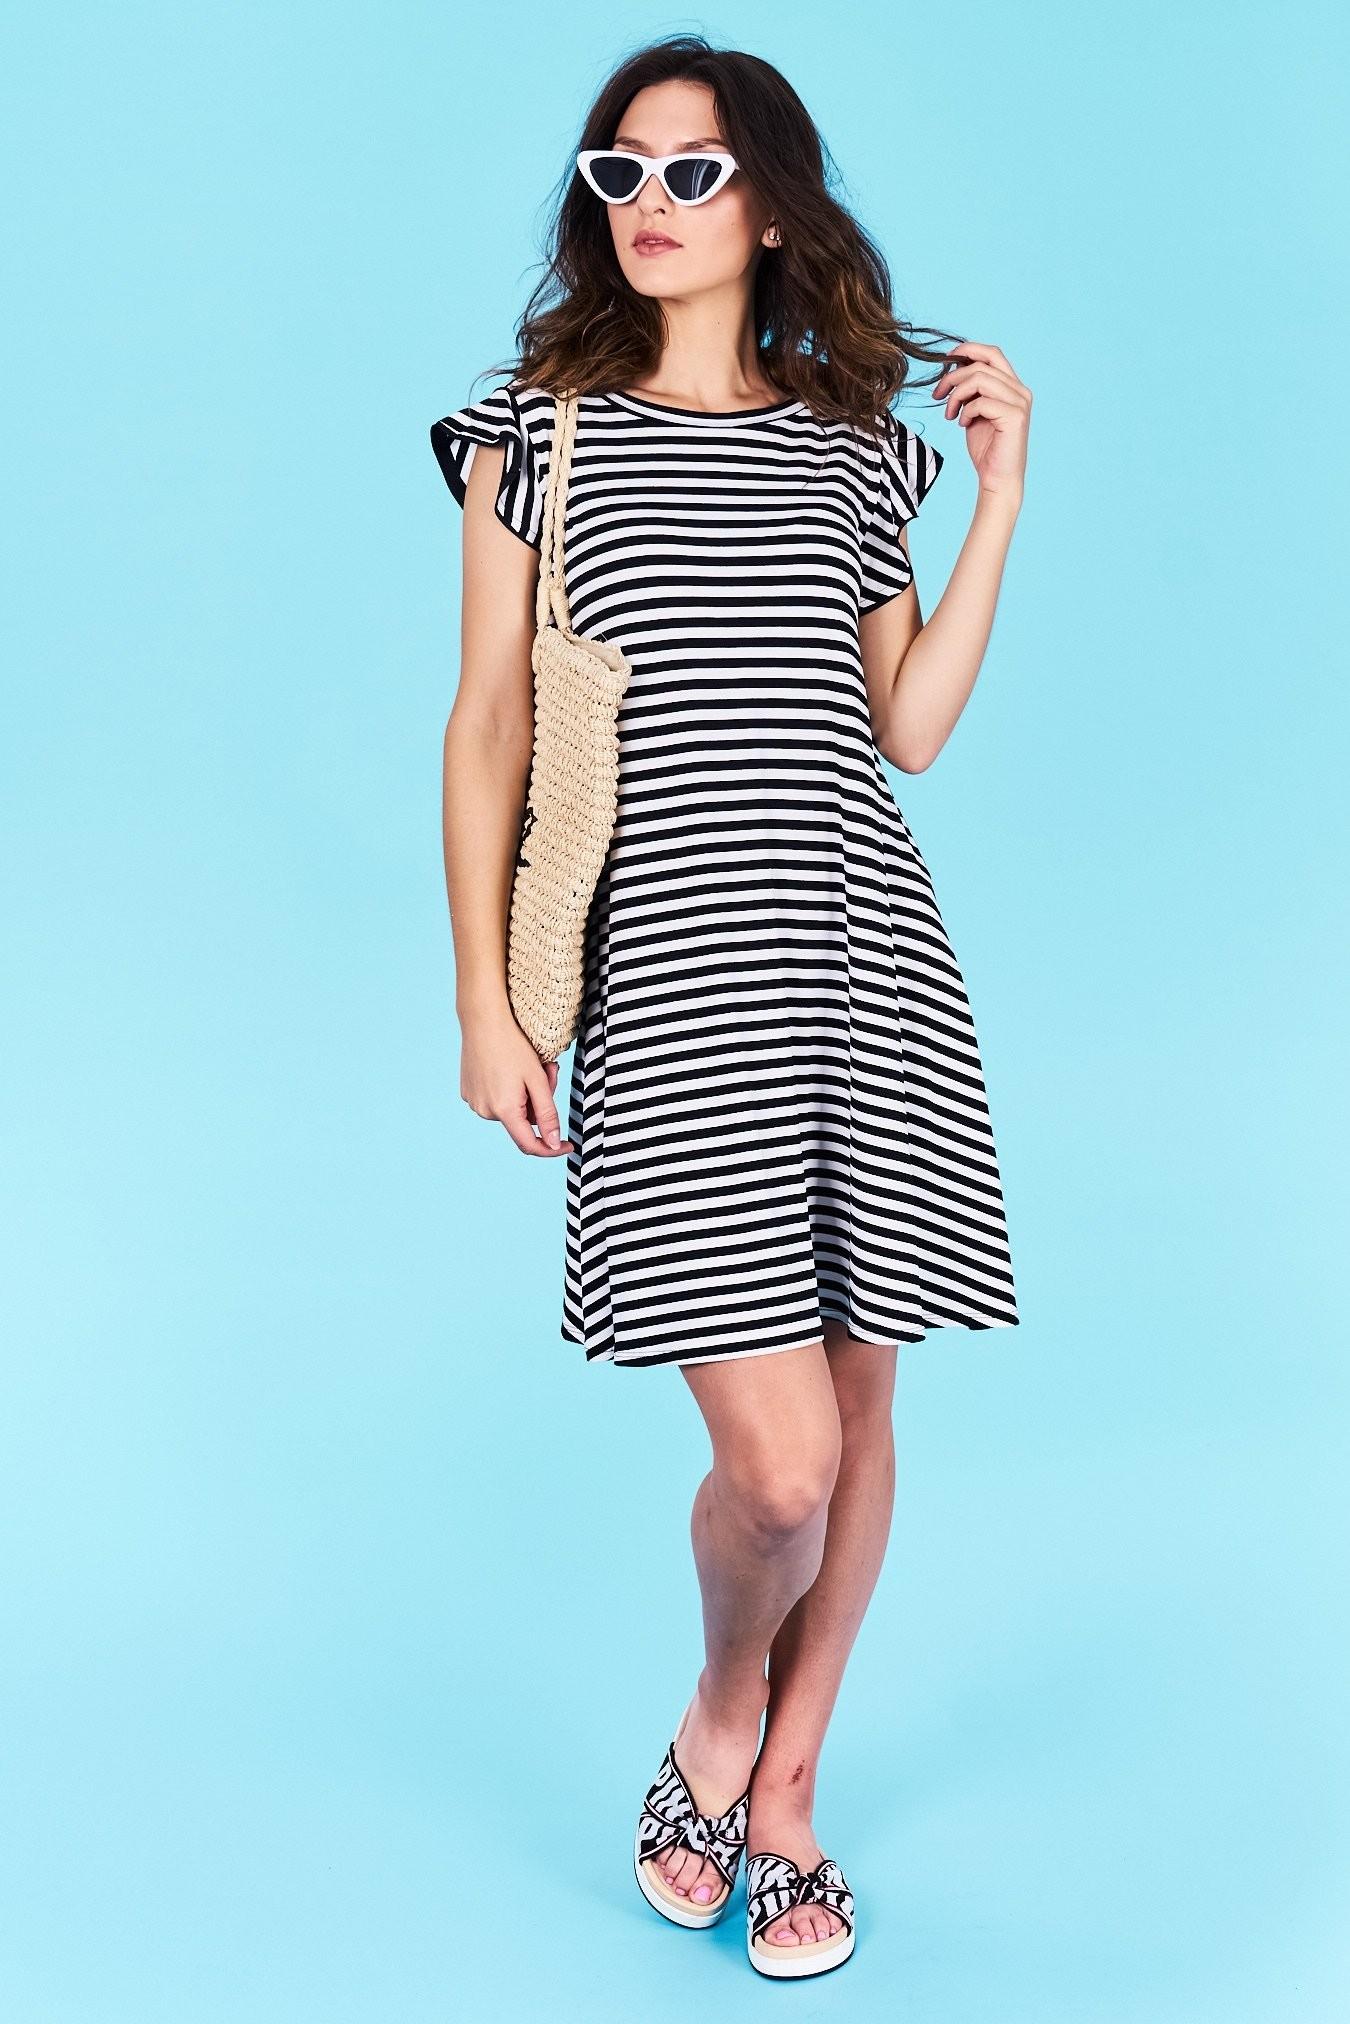 f90d0bda0d04 Dámske pruhované šaty čierne Jasmine Veľkosť UNI-verzálna Vyrobené z  príjemného materiálu. Pohodlné šaty